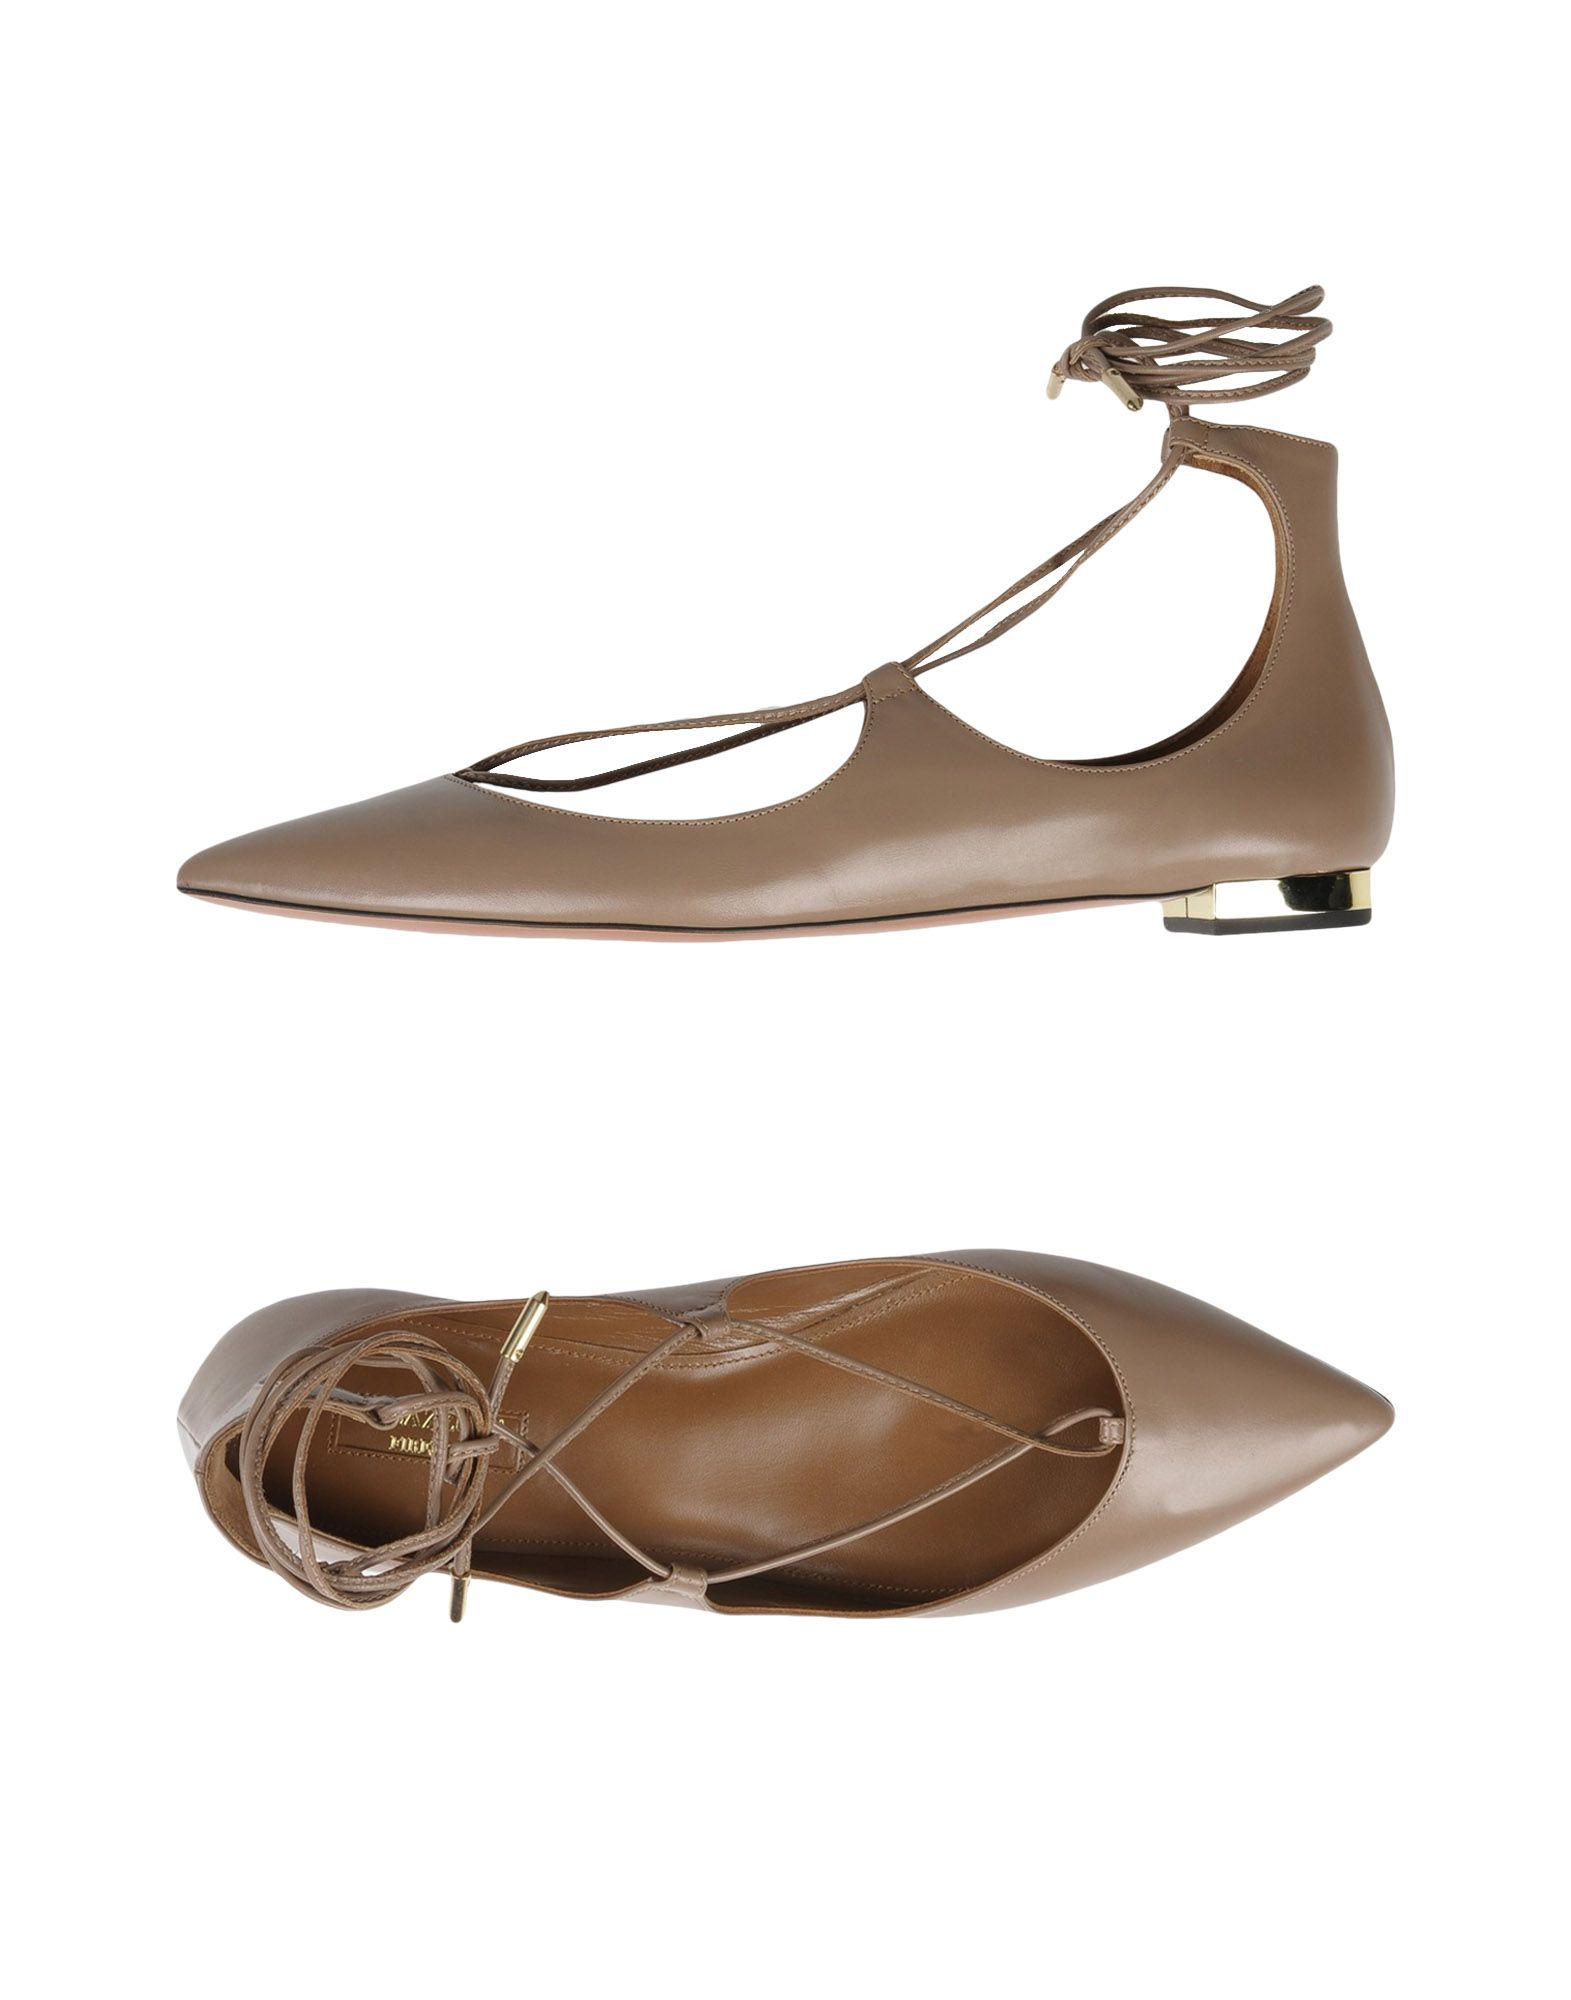 Aquazzura Ballet Flats - Women Aquazzura Ballet Flats - online on  Australia - Flats 11368256NQ cb2948